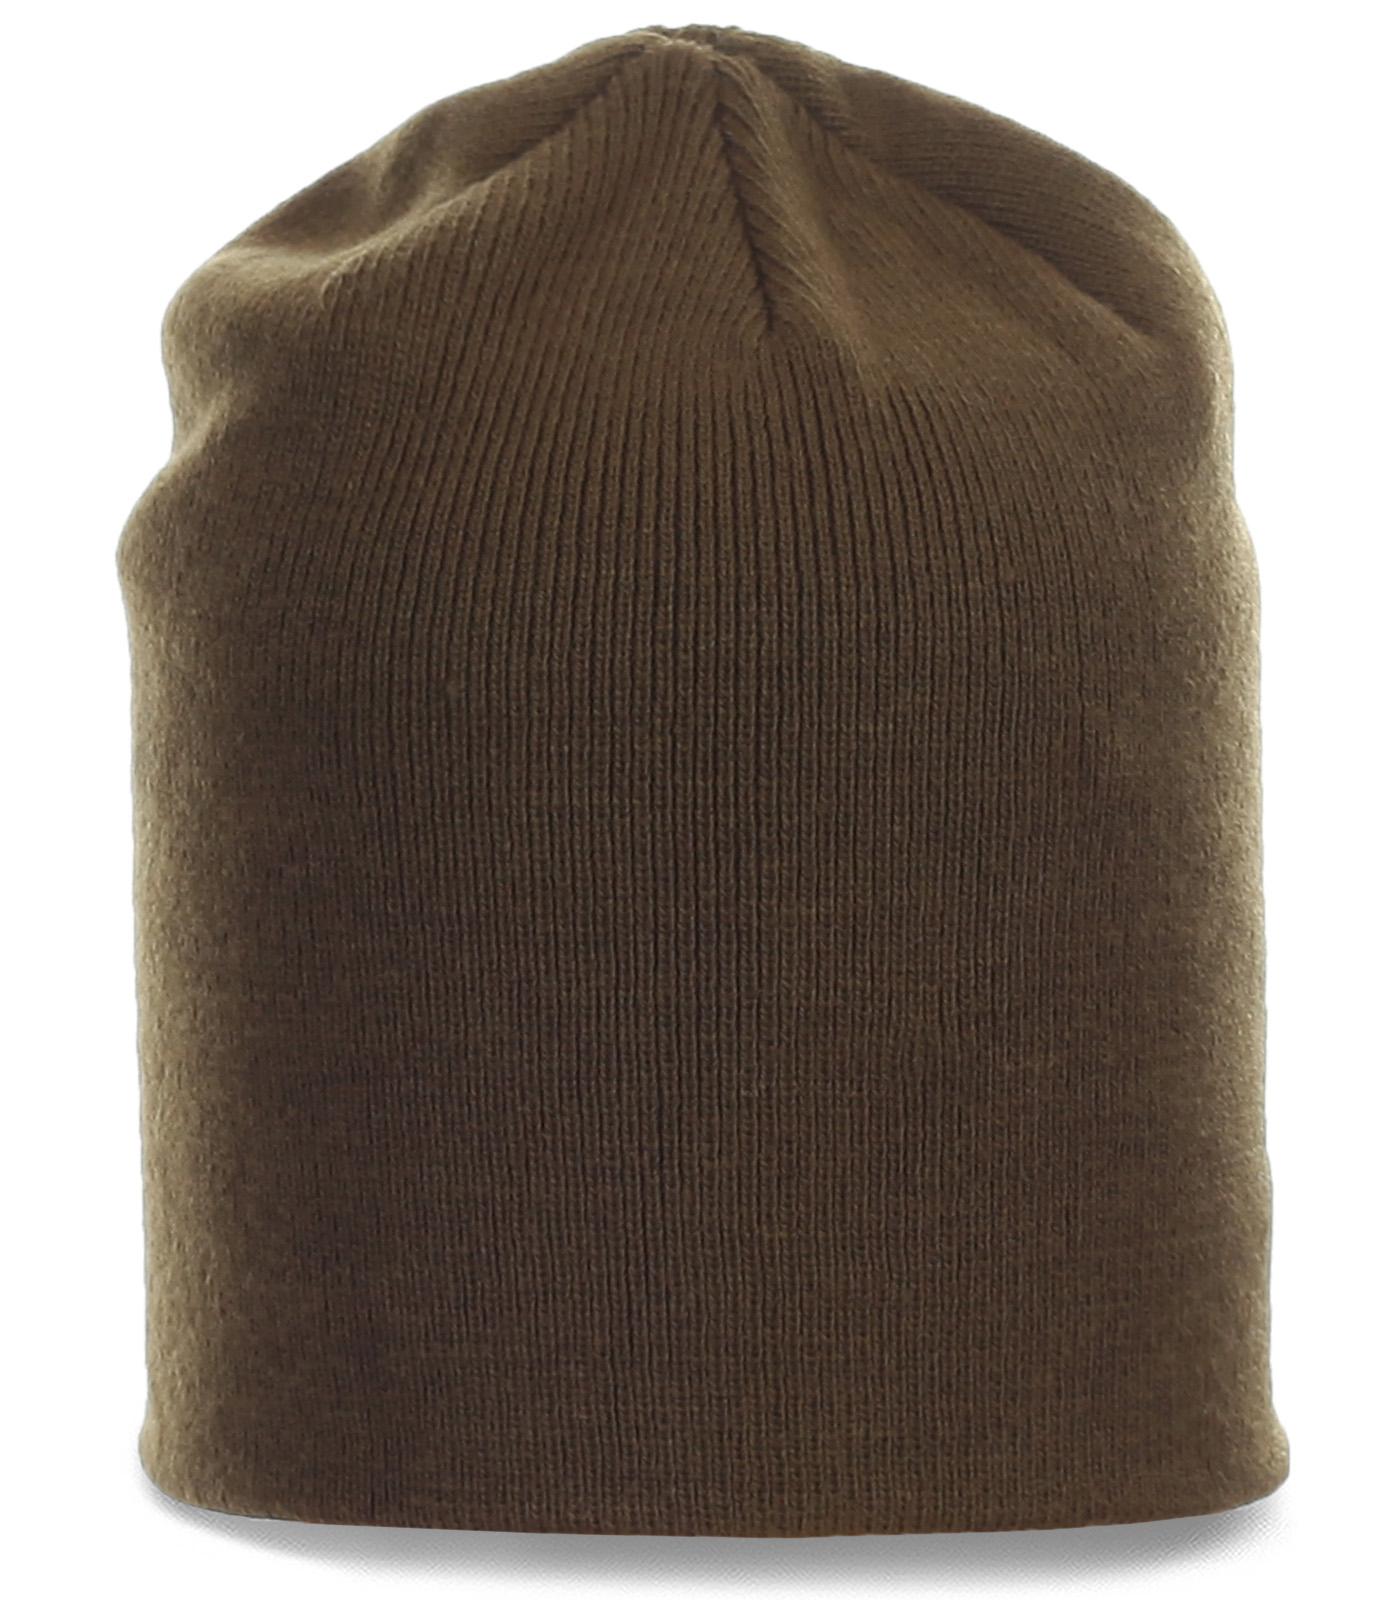 Однотонная мужская шапка кофейного цвета. Модная и теплая модель на каждый день